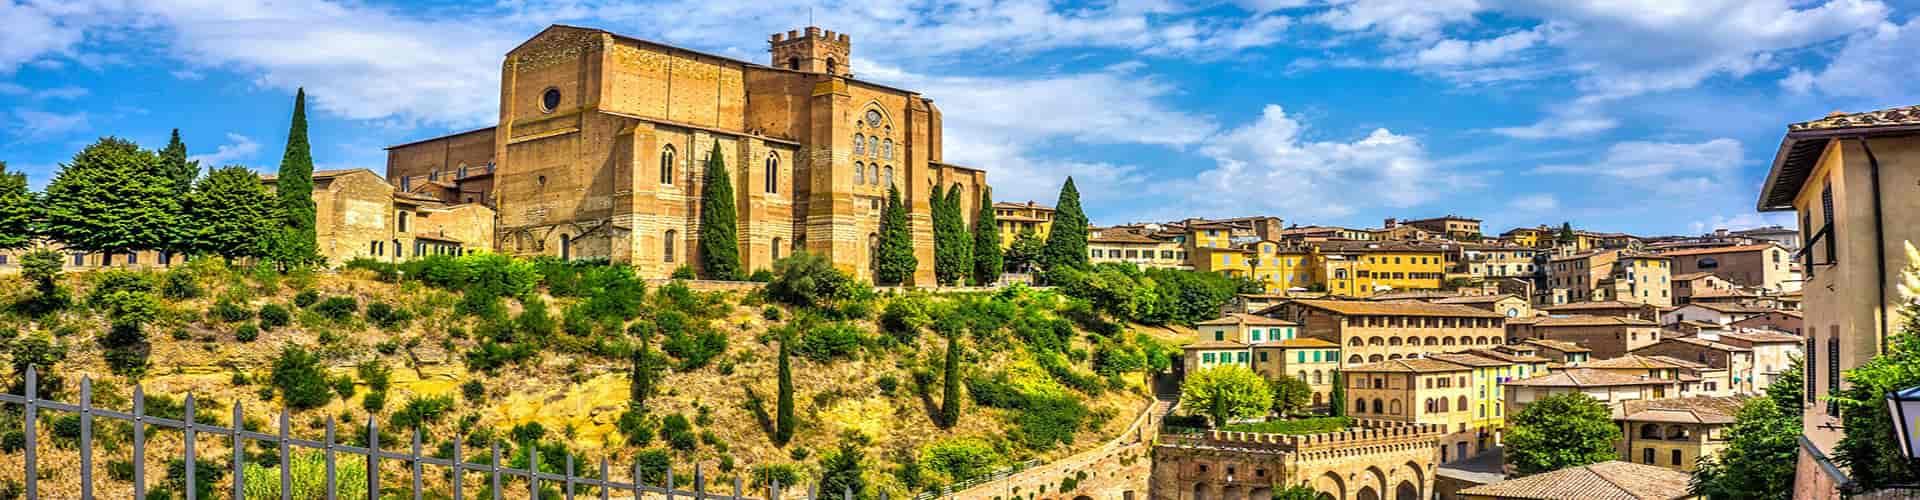 Free Tour Siena - Turismo Italia